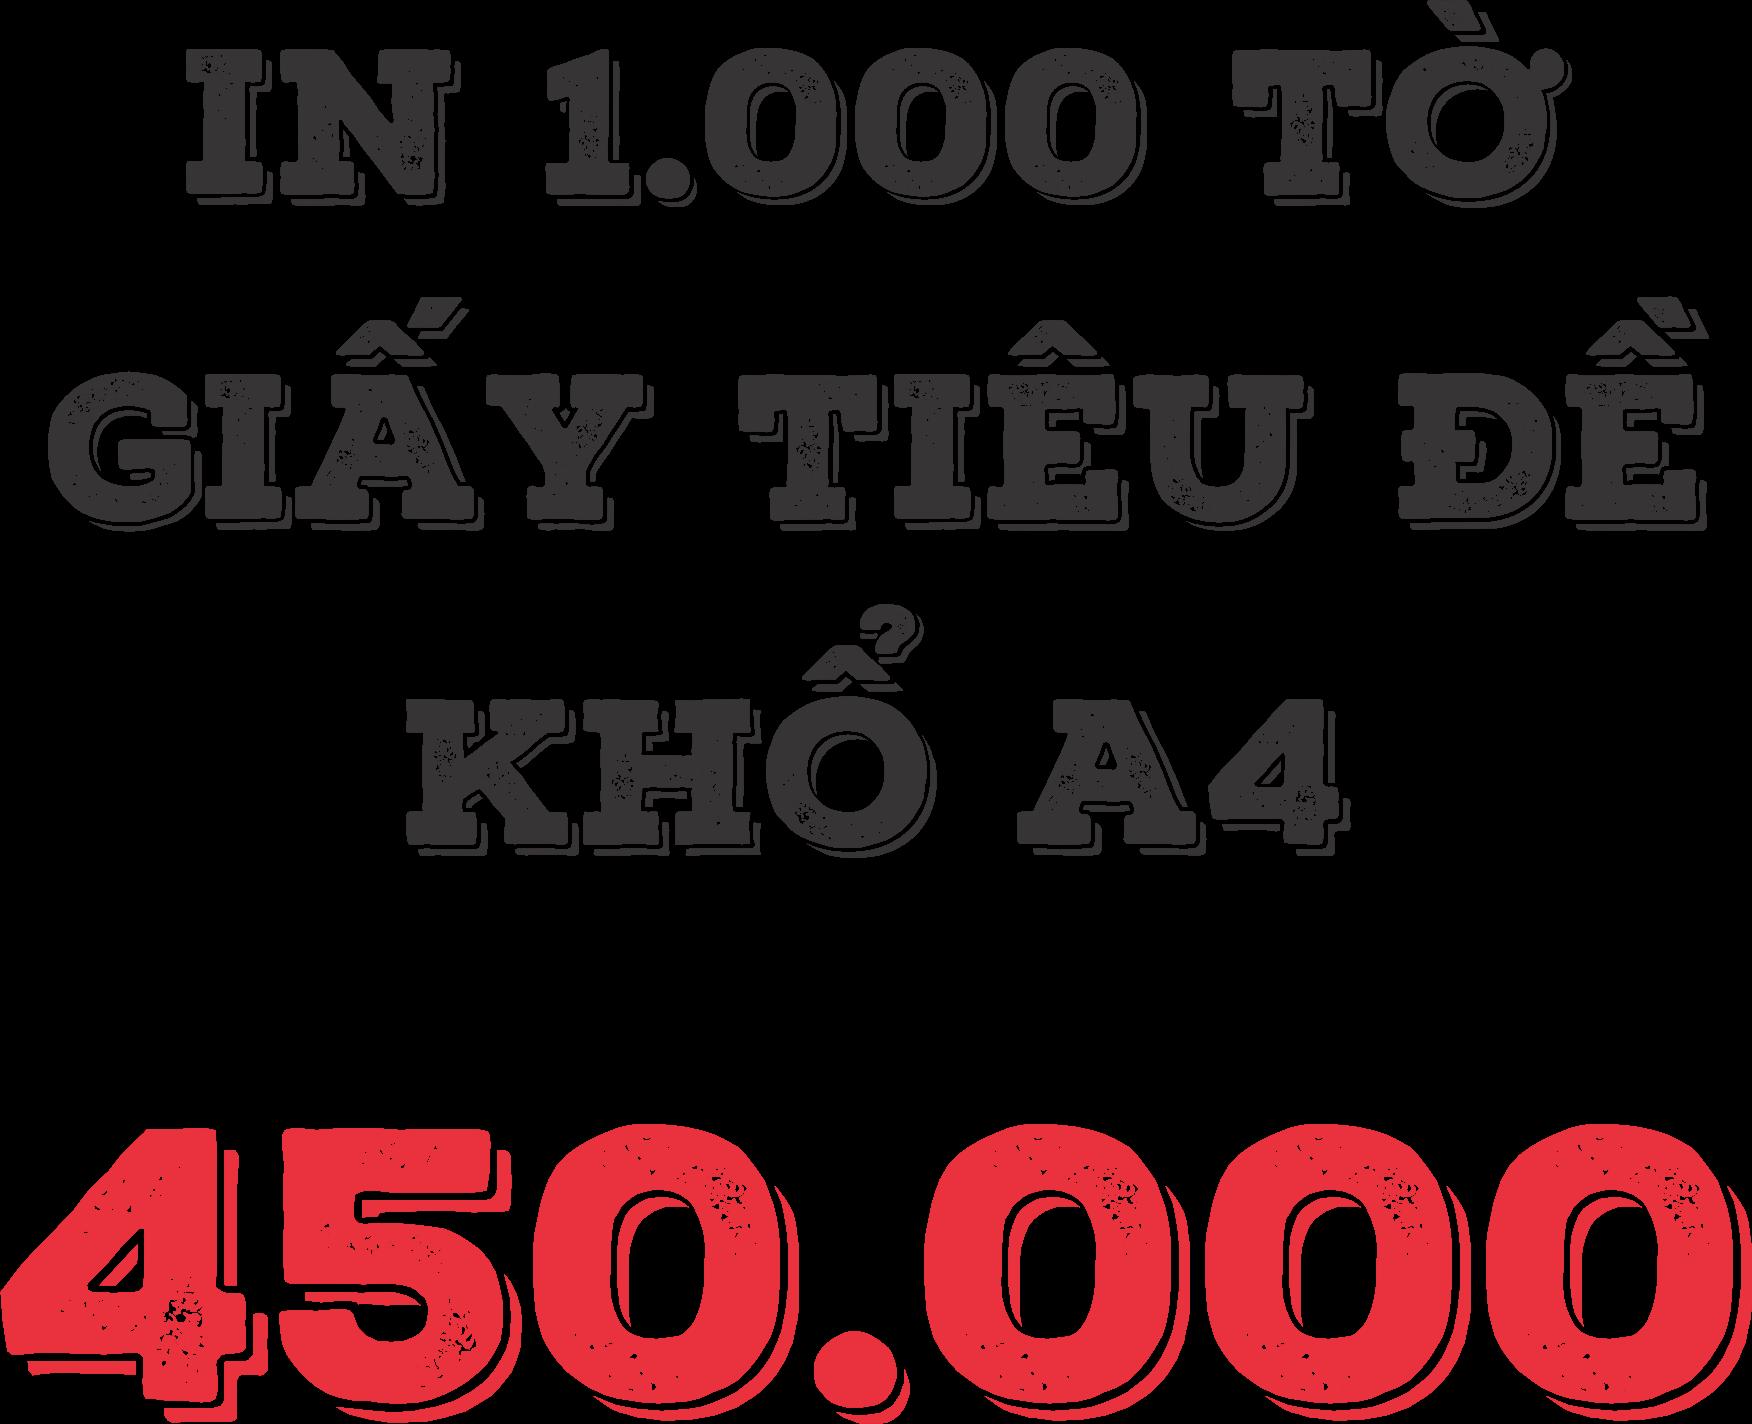 THIẾT KẾ MIỄN PHÍ 1000 tờ rơi 589.000, 1.000 cuon Catalogue 3.899.000, - 16